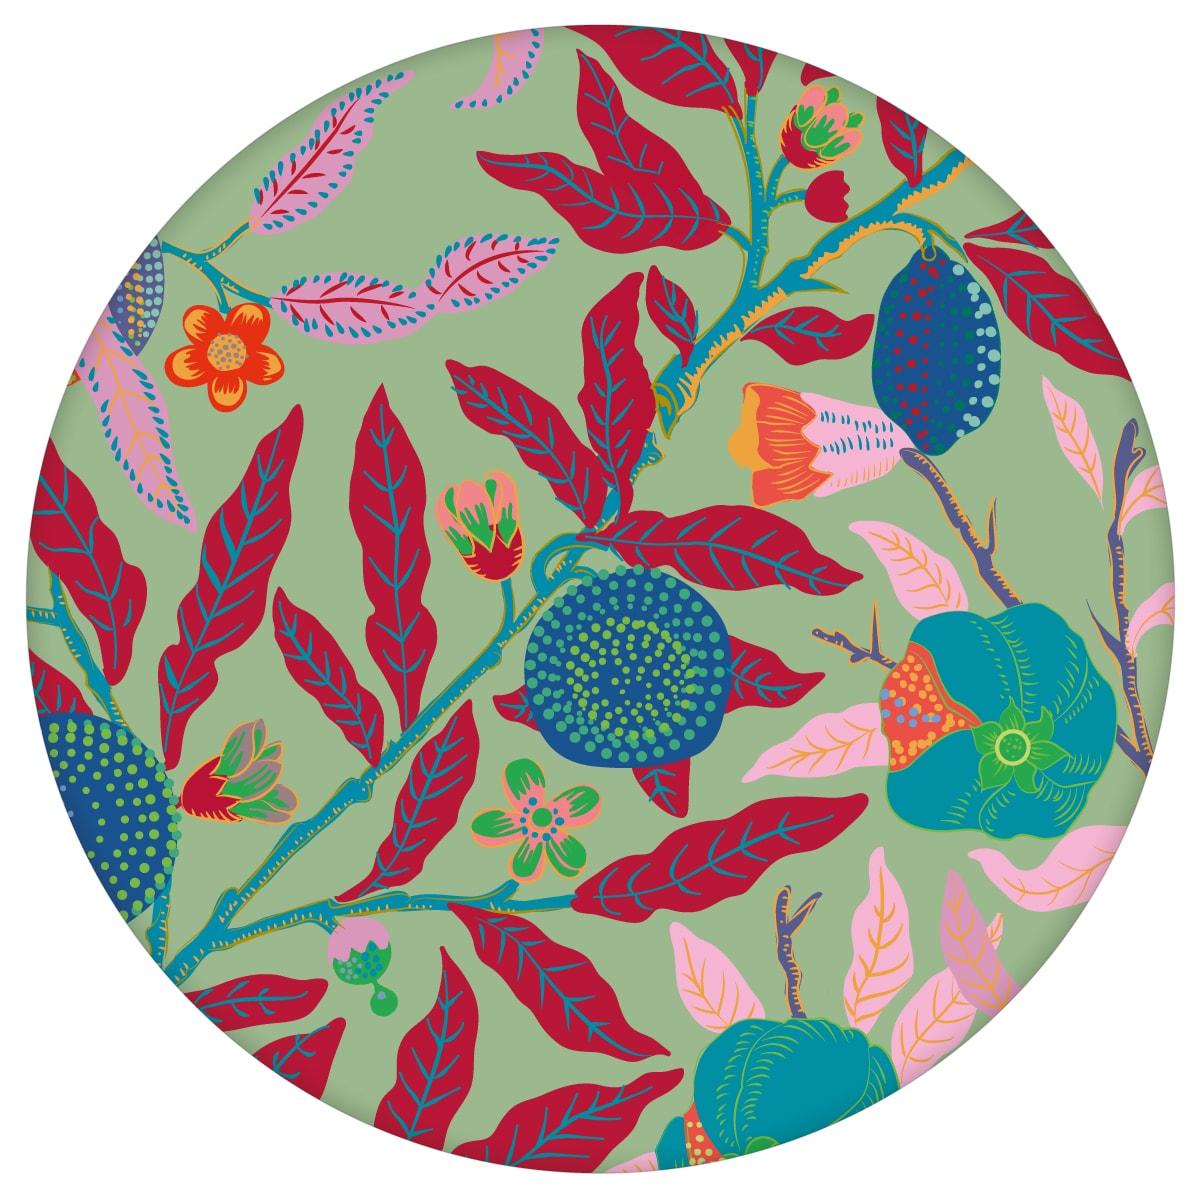 """Designer Jugendstil Tapete """"Granatapfel Baum"""" nach William Morris, grüne Vlies Tapete Blumen Natur, schöne Blumentapete für Flur, Büro  3"""